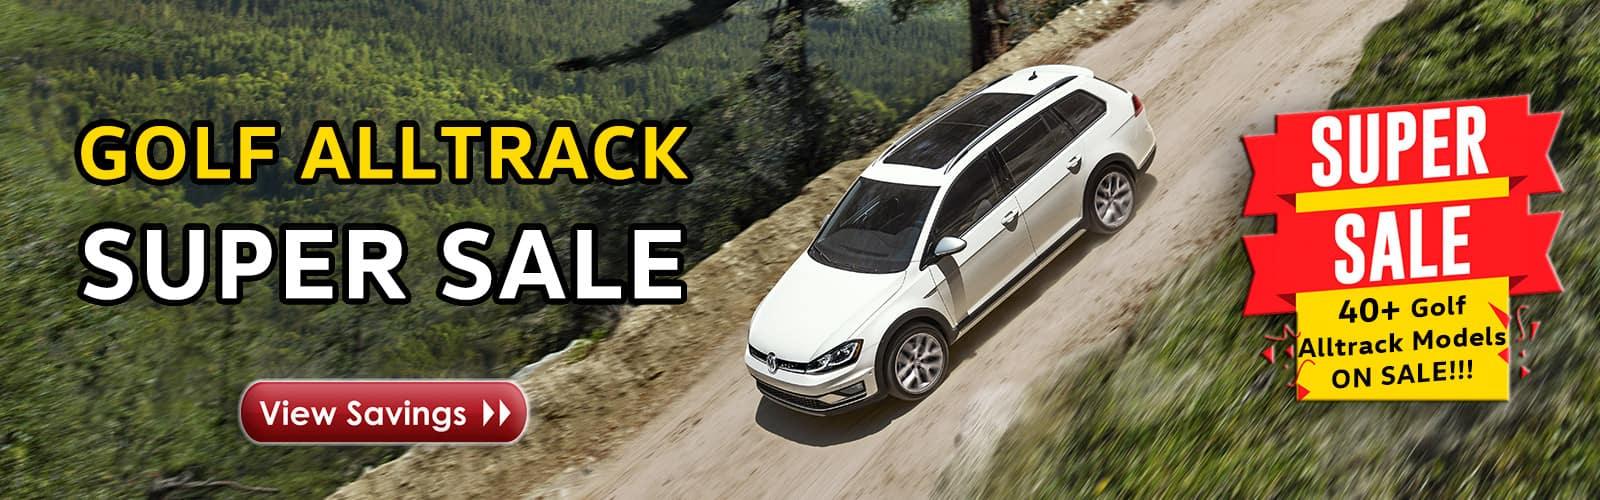 40+ Golf Alltrack Models On Sale